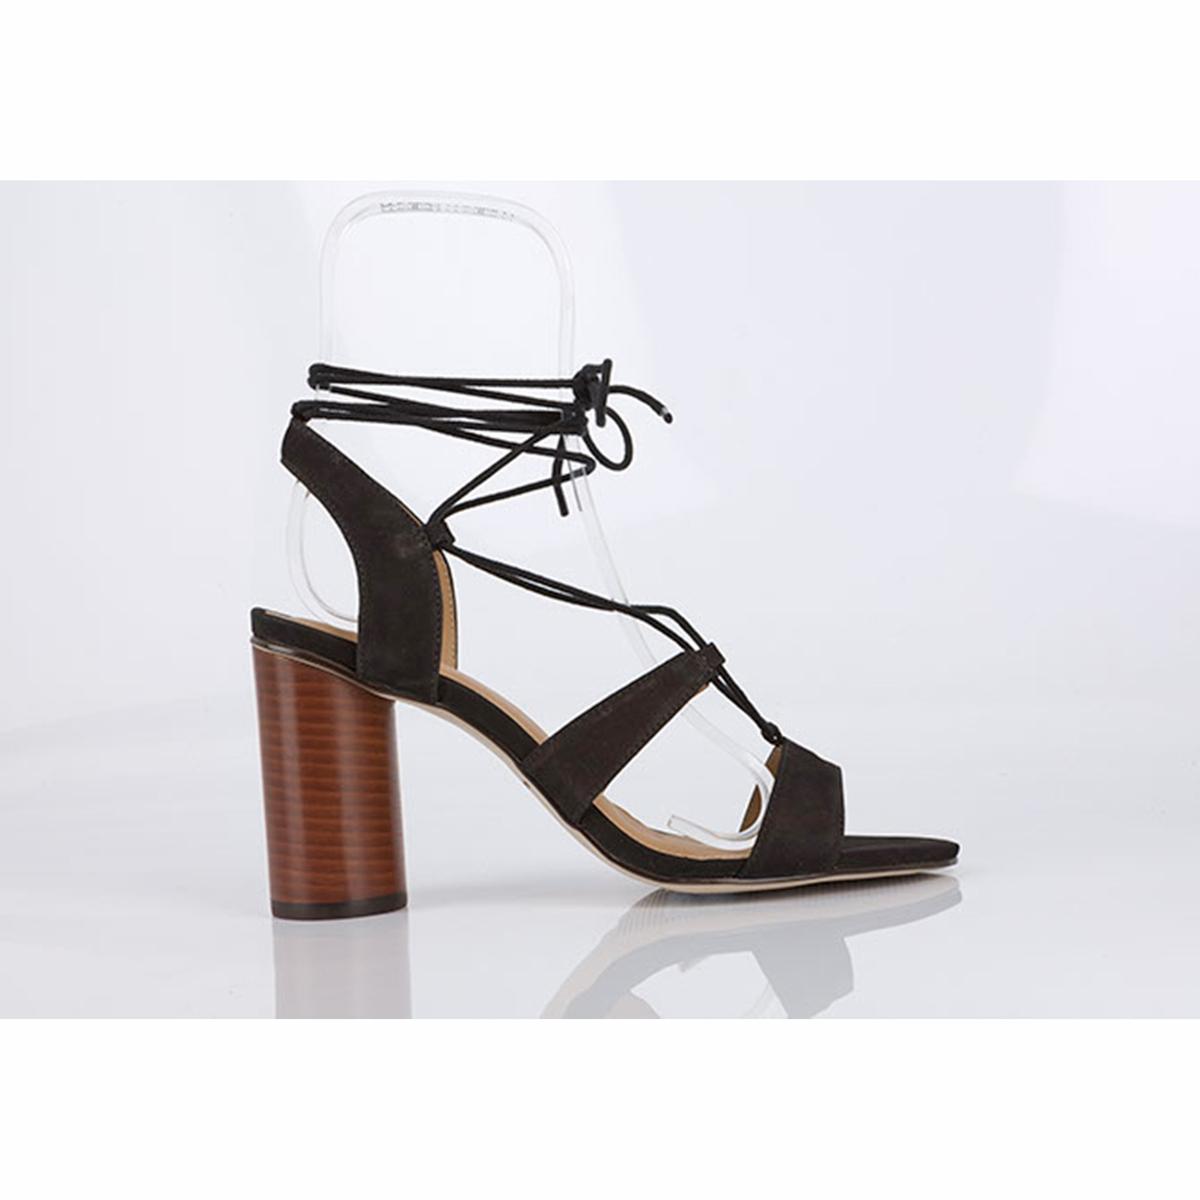 Босоножки кожаные BruneВерх/Голенище : кожа.    Подкладка : кожа.    Стелька : кожа.    Подошва : синтетика    Высота каблука : 9,5 см    Форма каблука : тонкий каблук    Мысок : закругленный    Застежка : завязки.<br><br>Цвет: оранжевый,черный